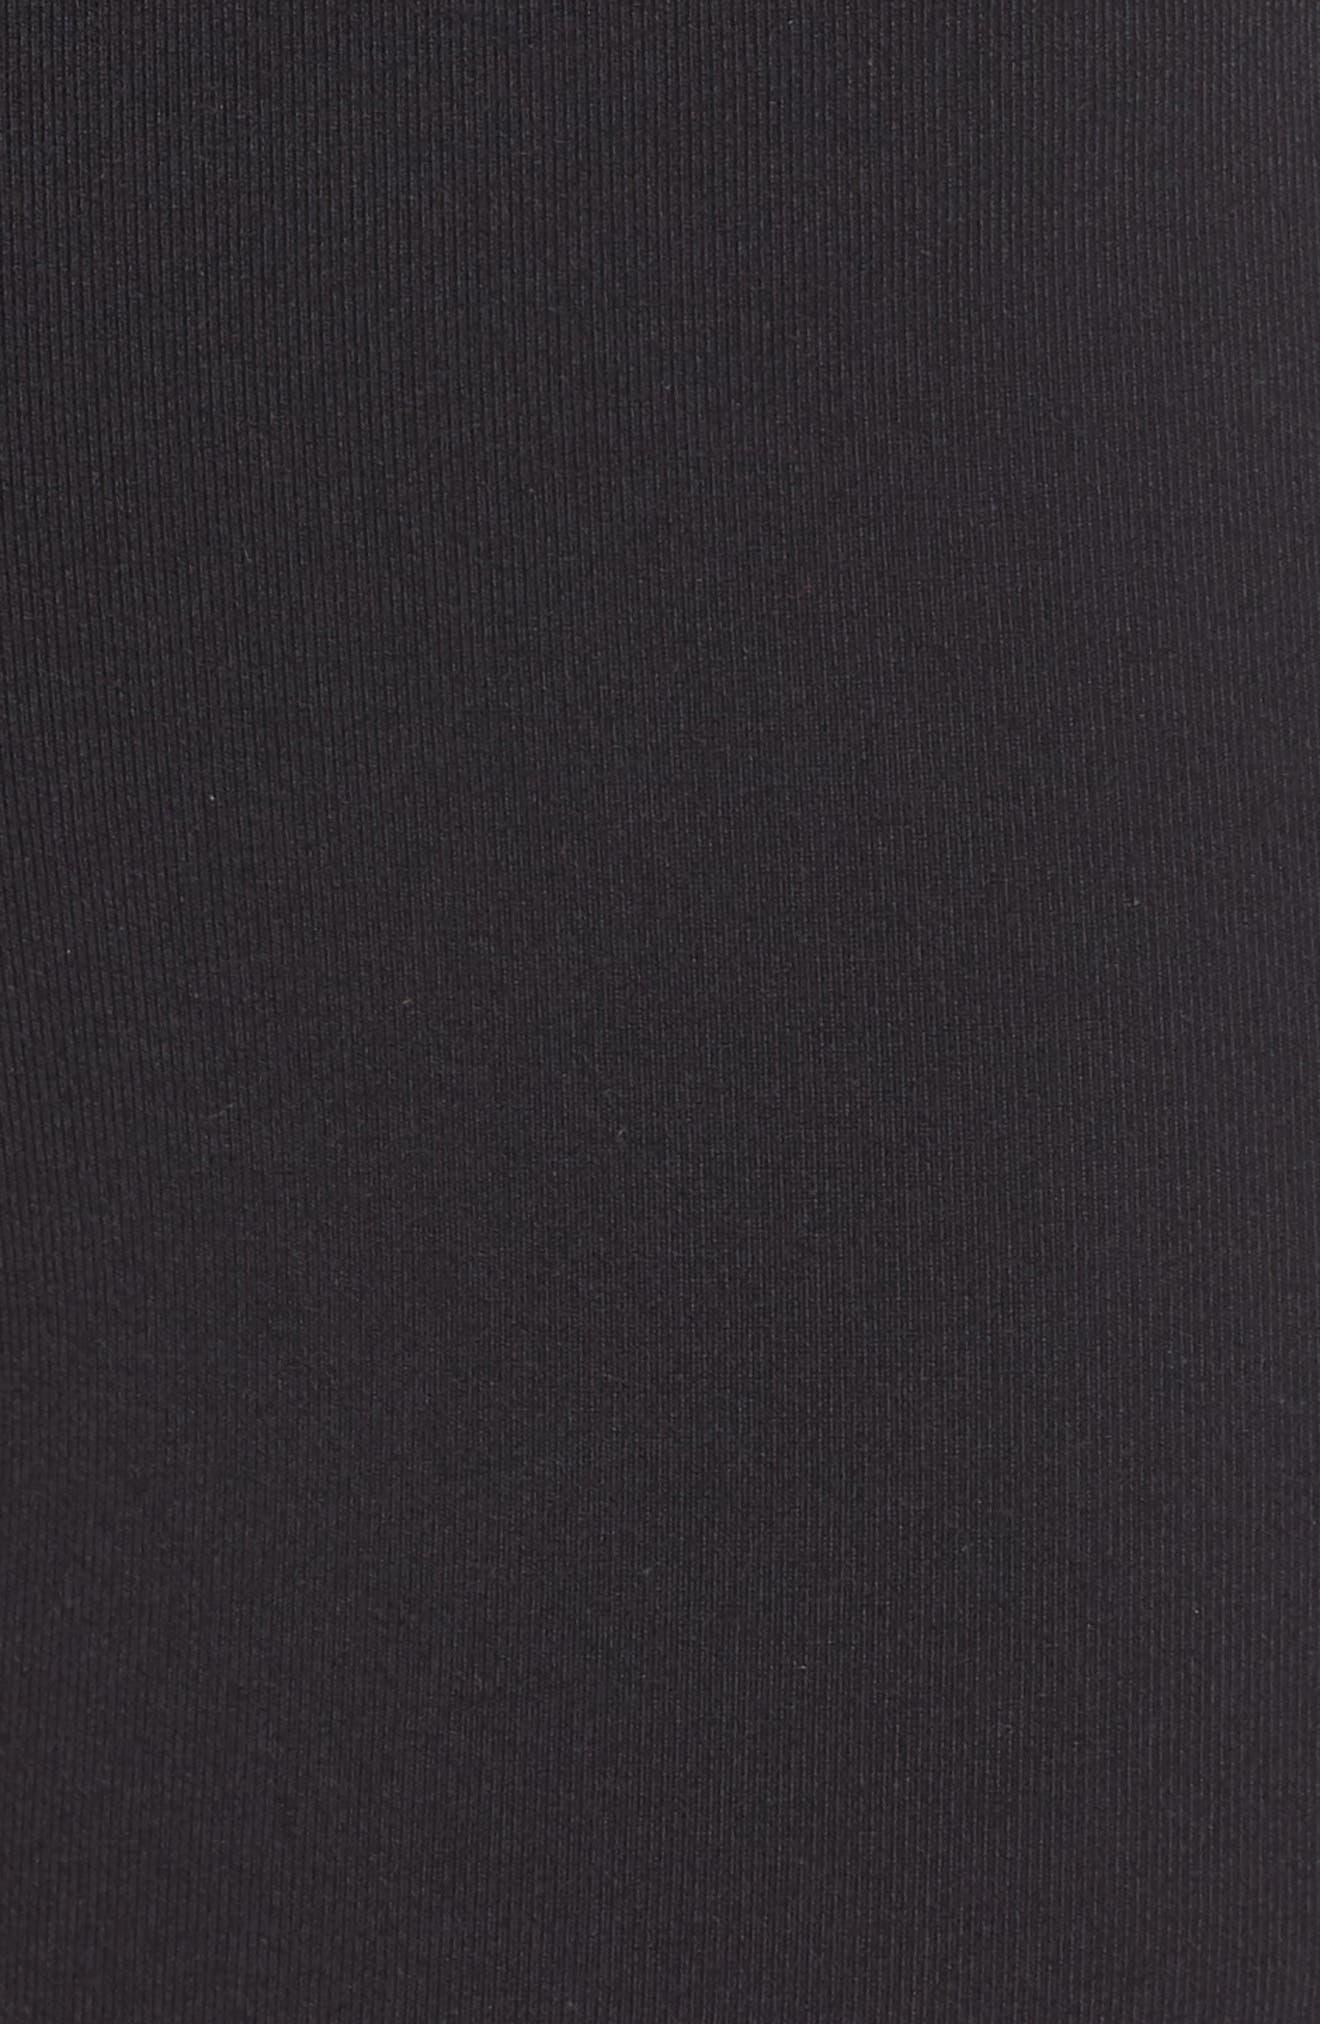 Airbrush Shorts,                             Alternate thumbnail 6, color,                             BLACK